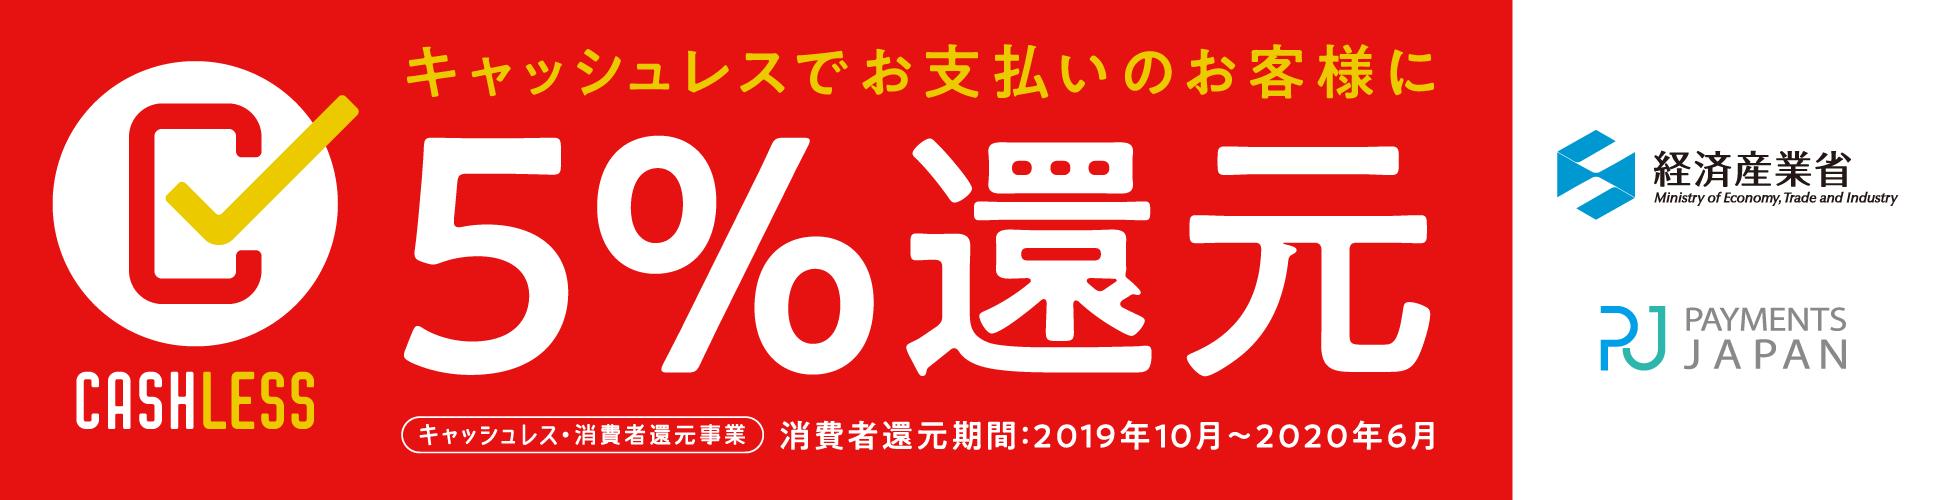 キャッシュレス・消費者還元事業始まりました!!山喜本舗オンラインショップも対象です!!